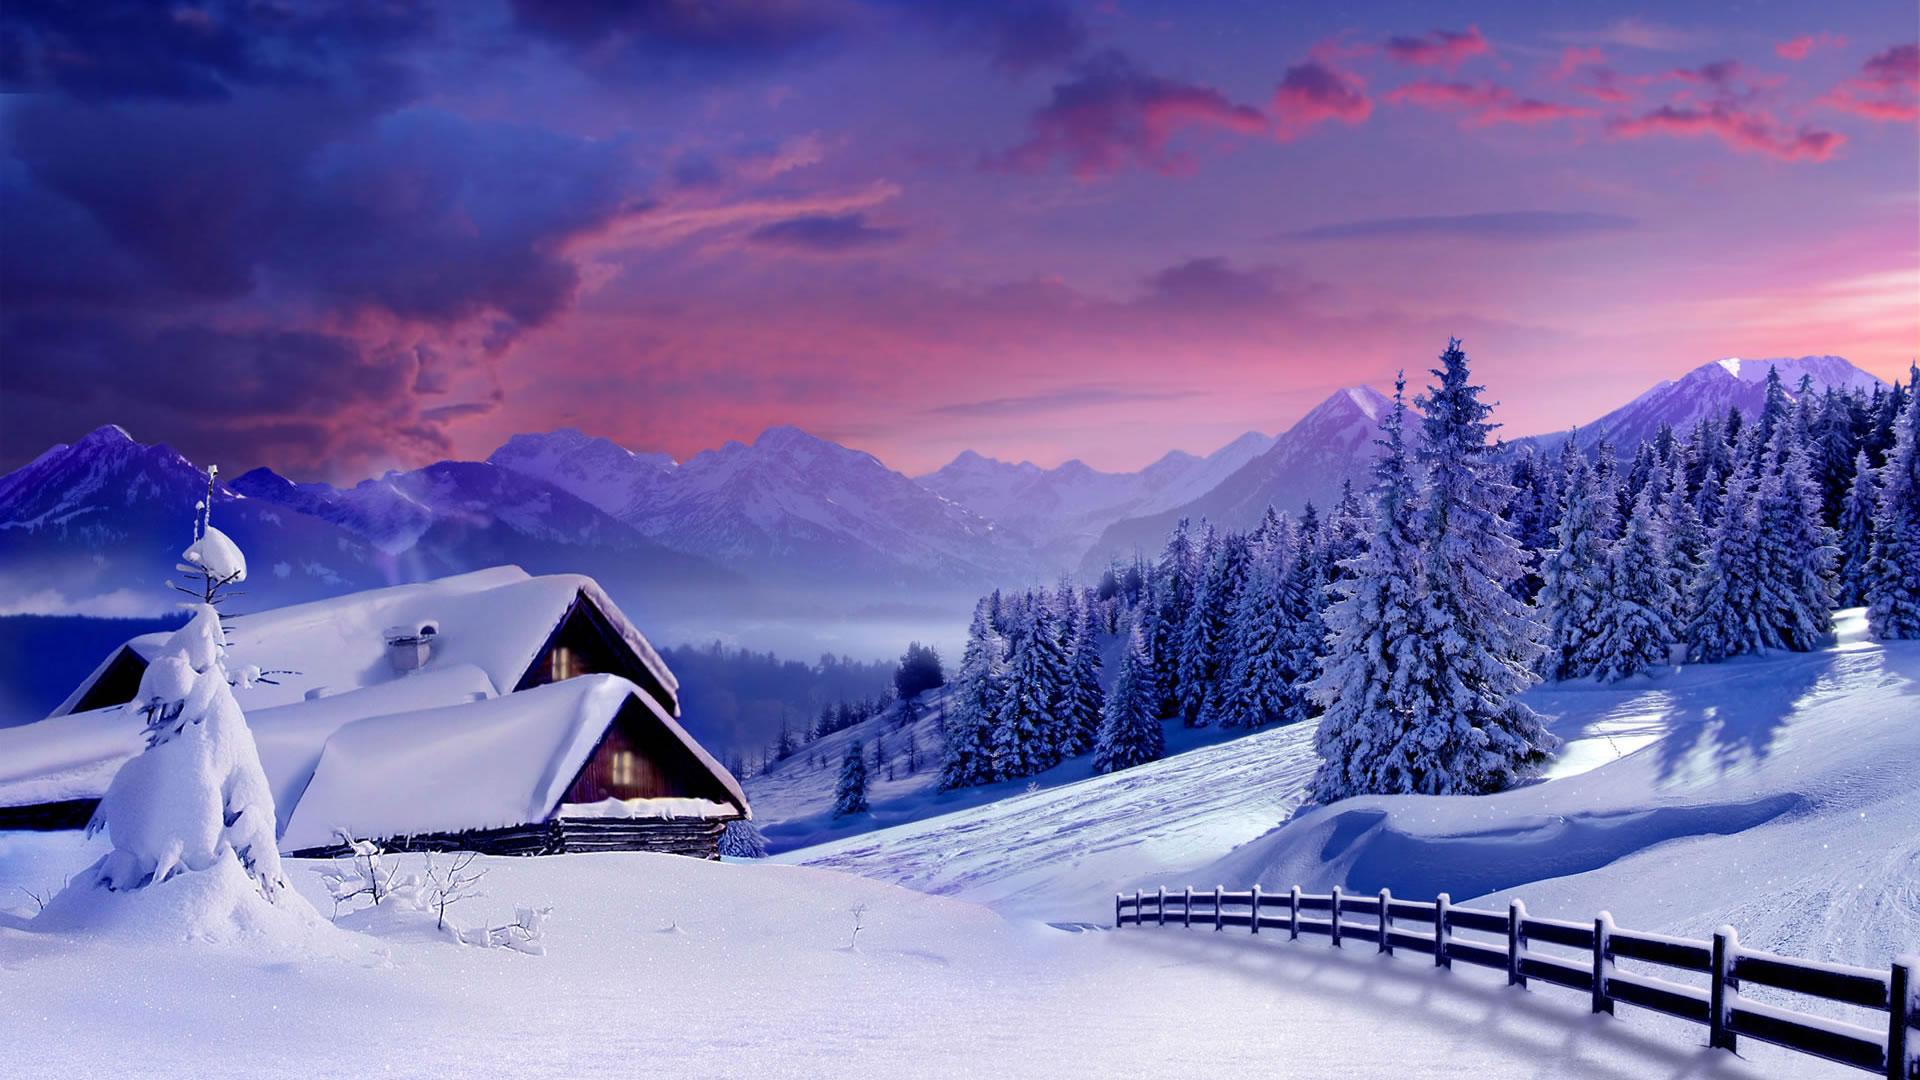 Обои красивая зима картинки обои на